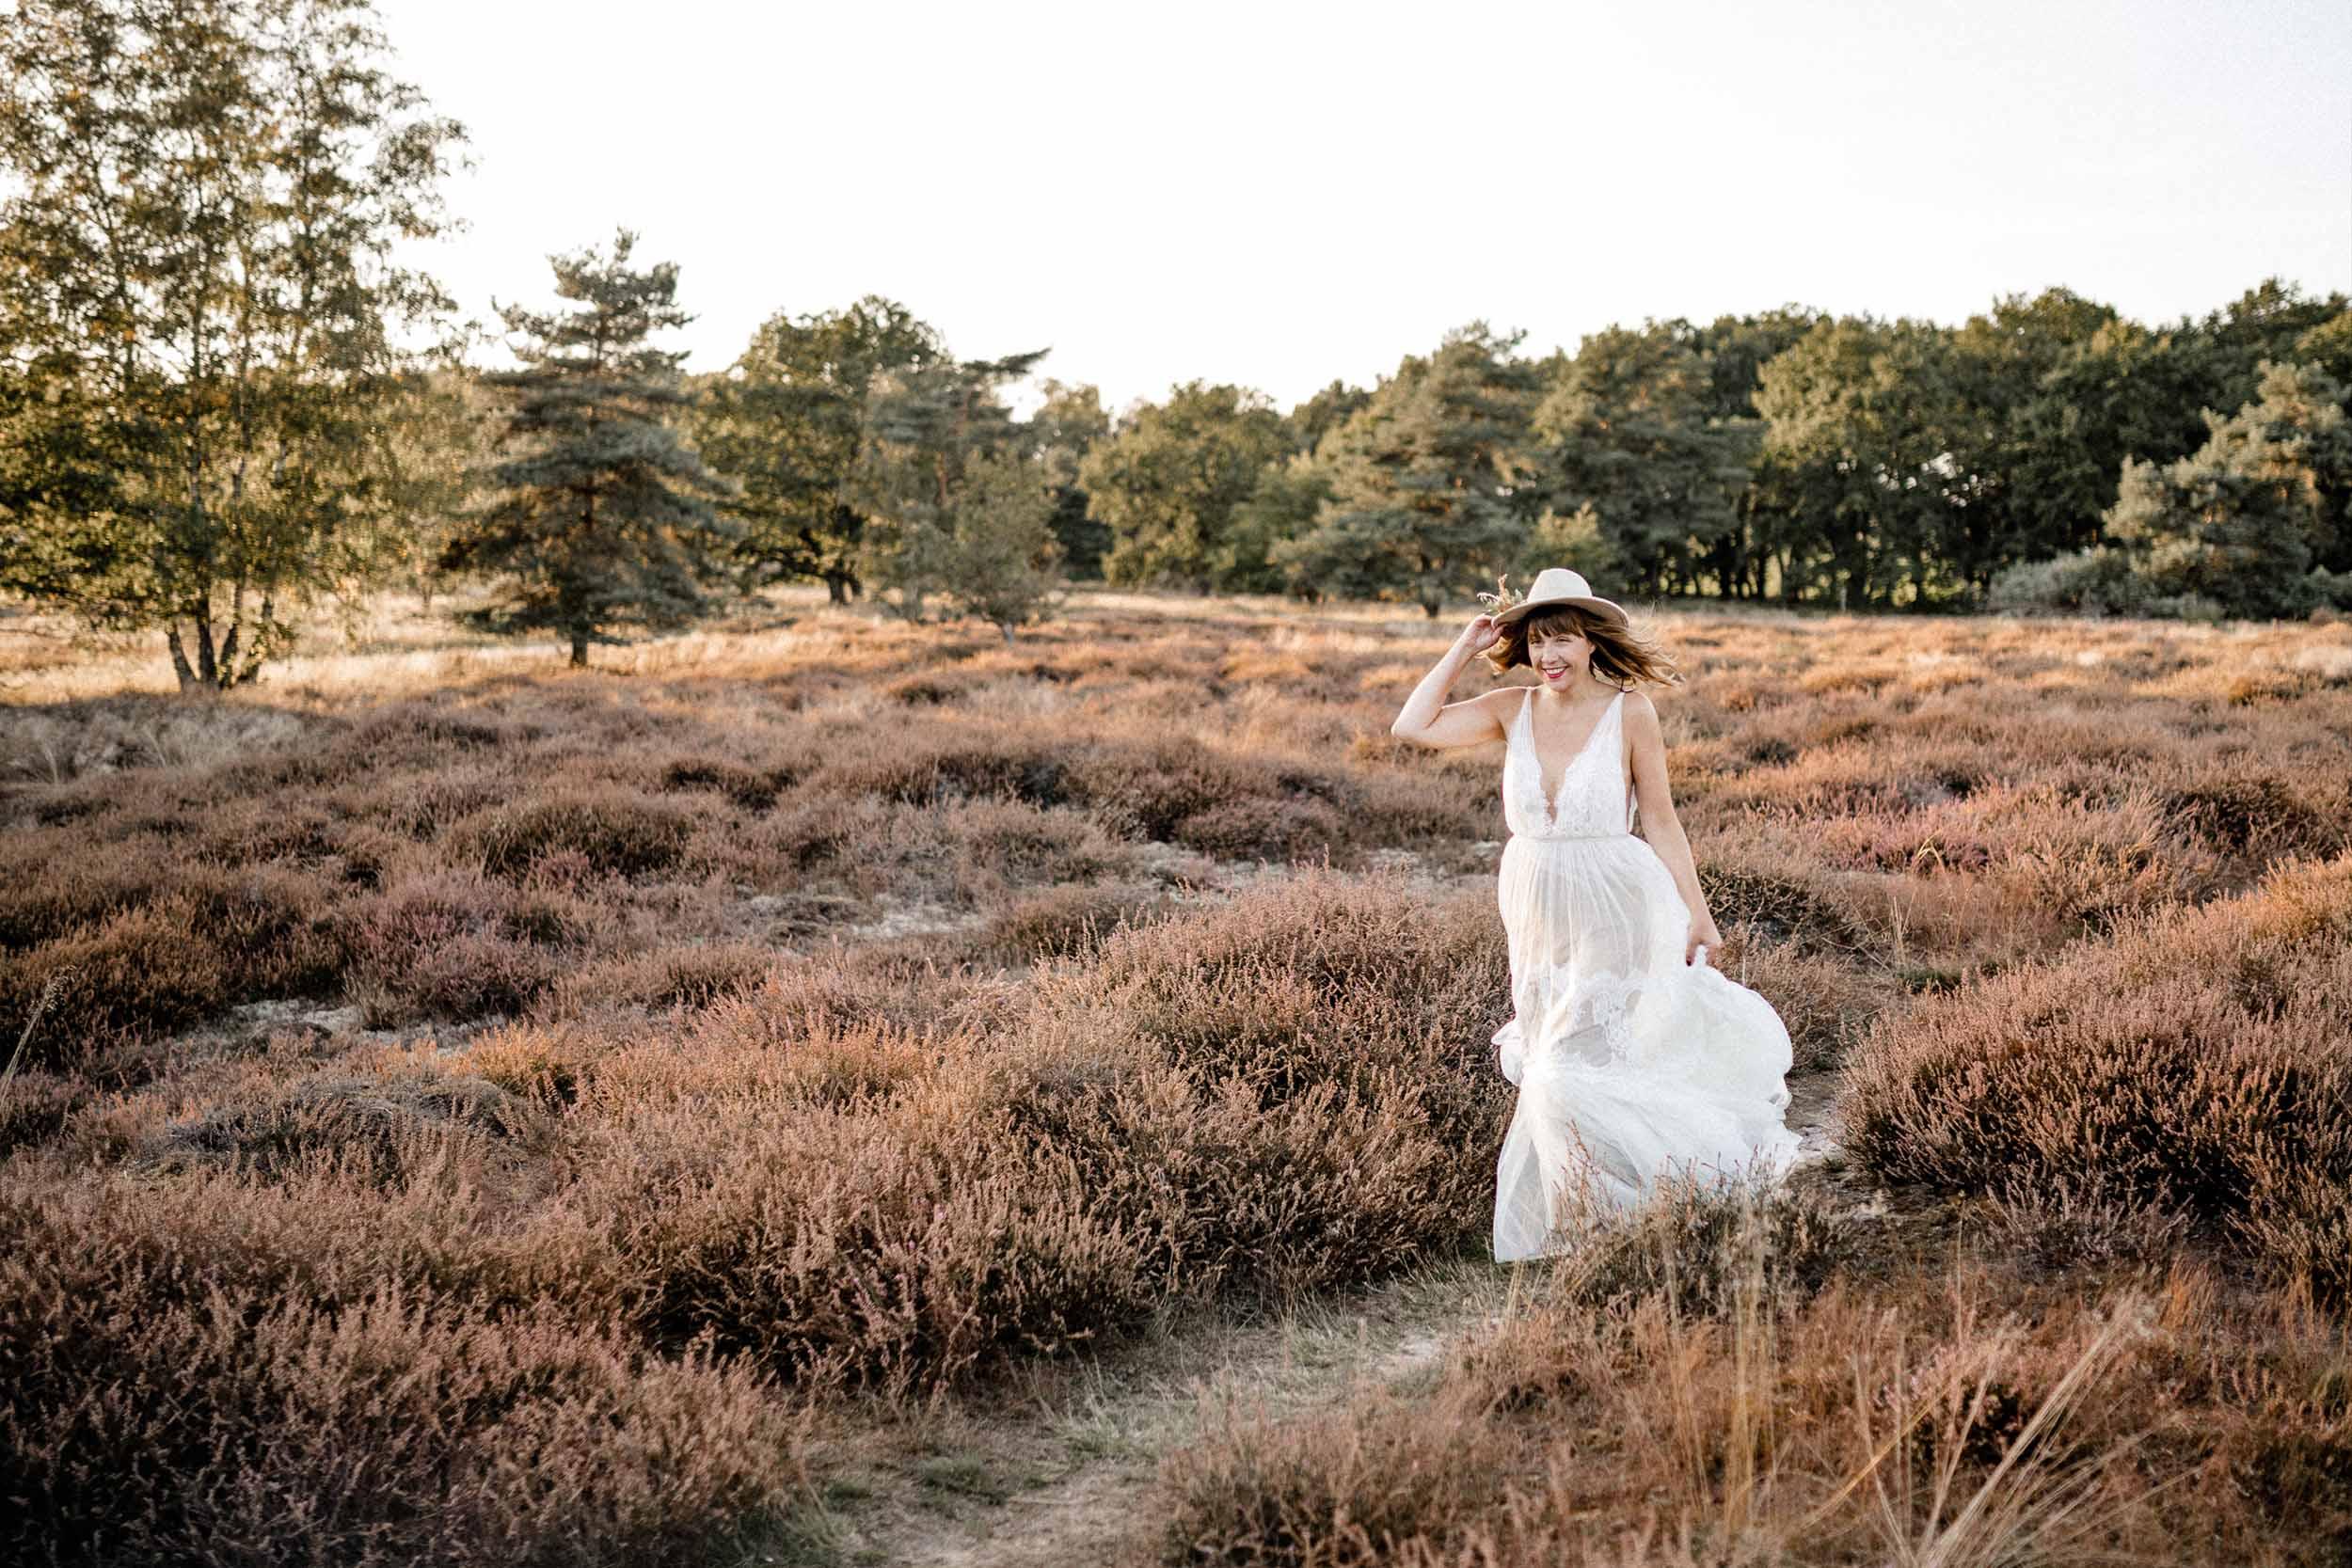 Virginia-Pech-Fotografie-Hochzeitsfotograf-Schwerin-Hochzeitsspeicher-Naturwerk-Basthorst-Linda-Schippers-I-60